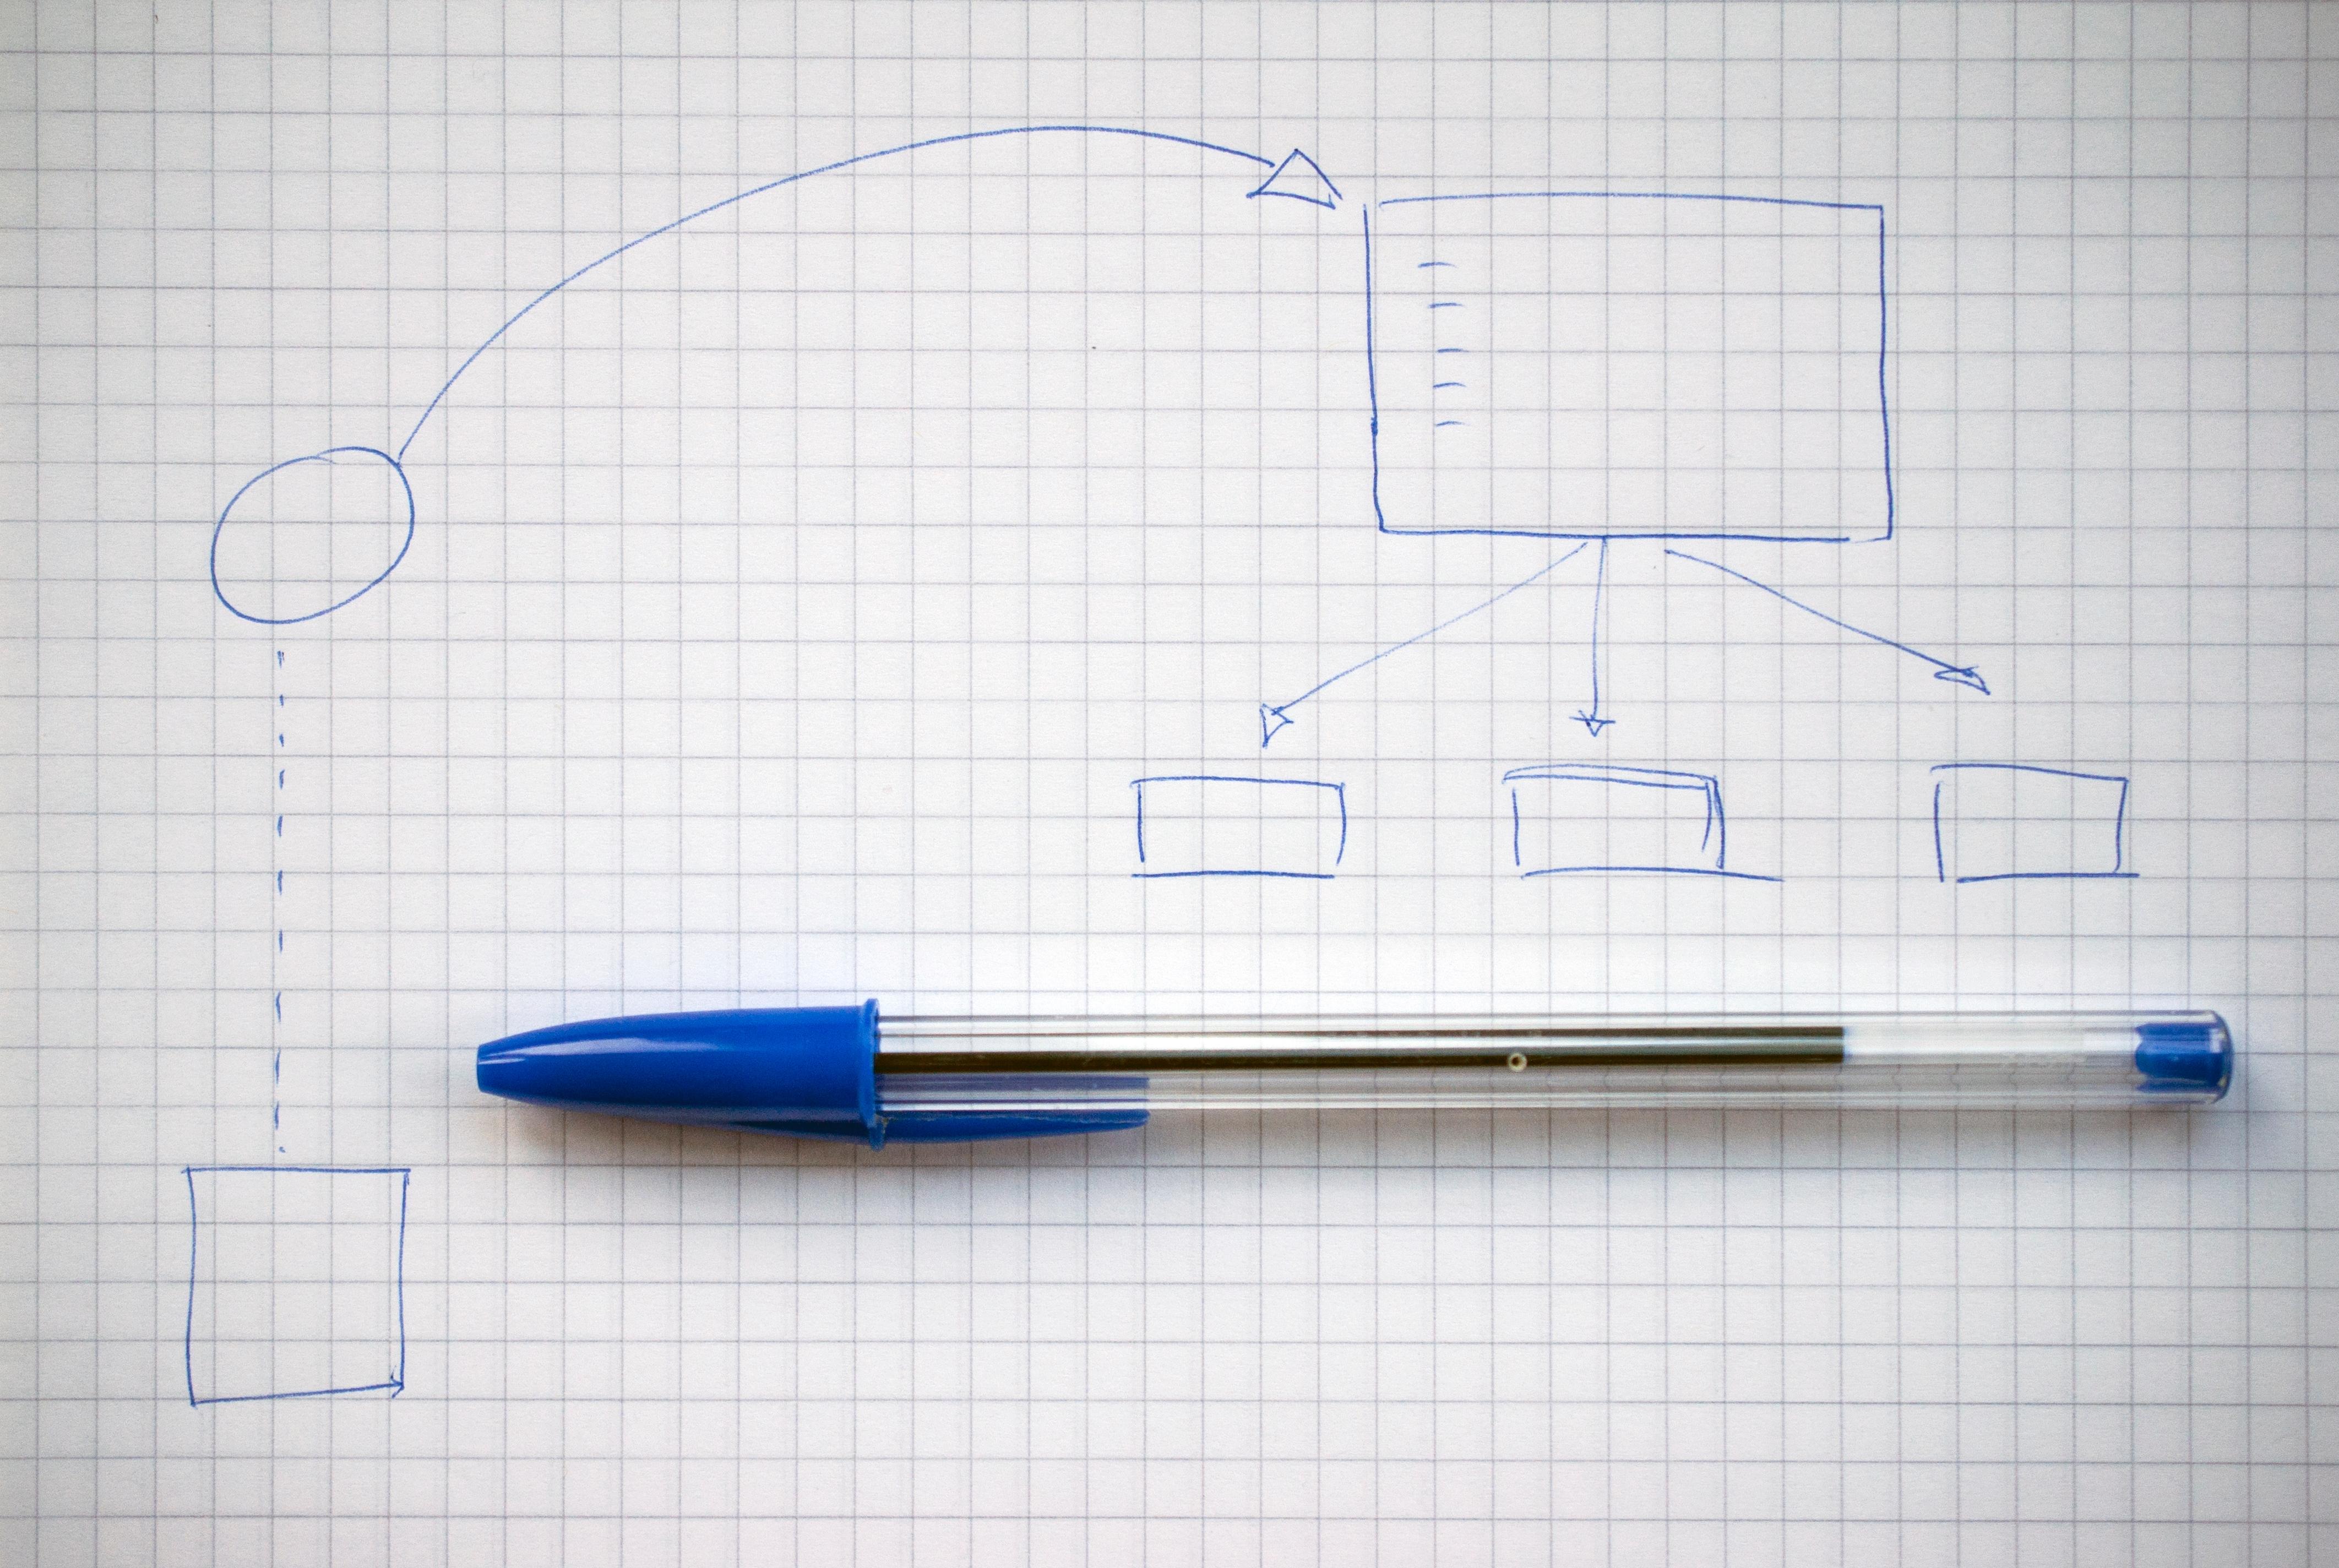 Diagrama como rutina de pensamiento en el Project Zero